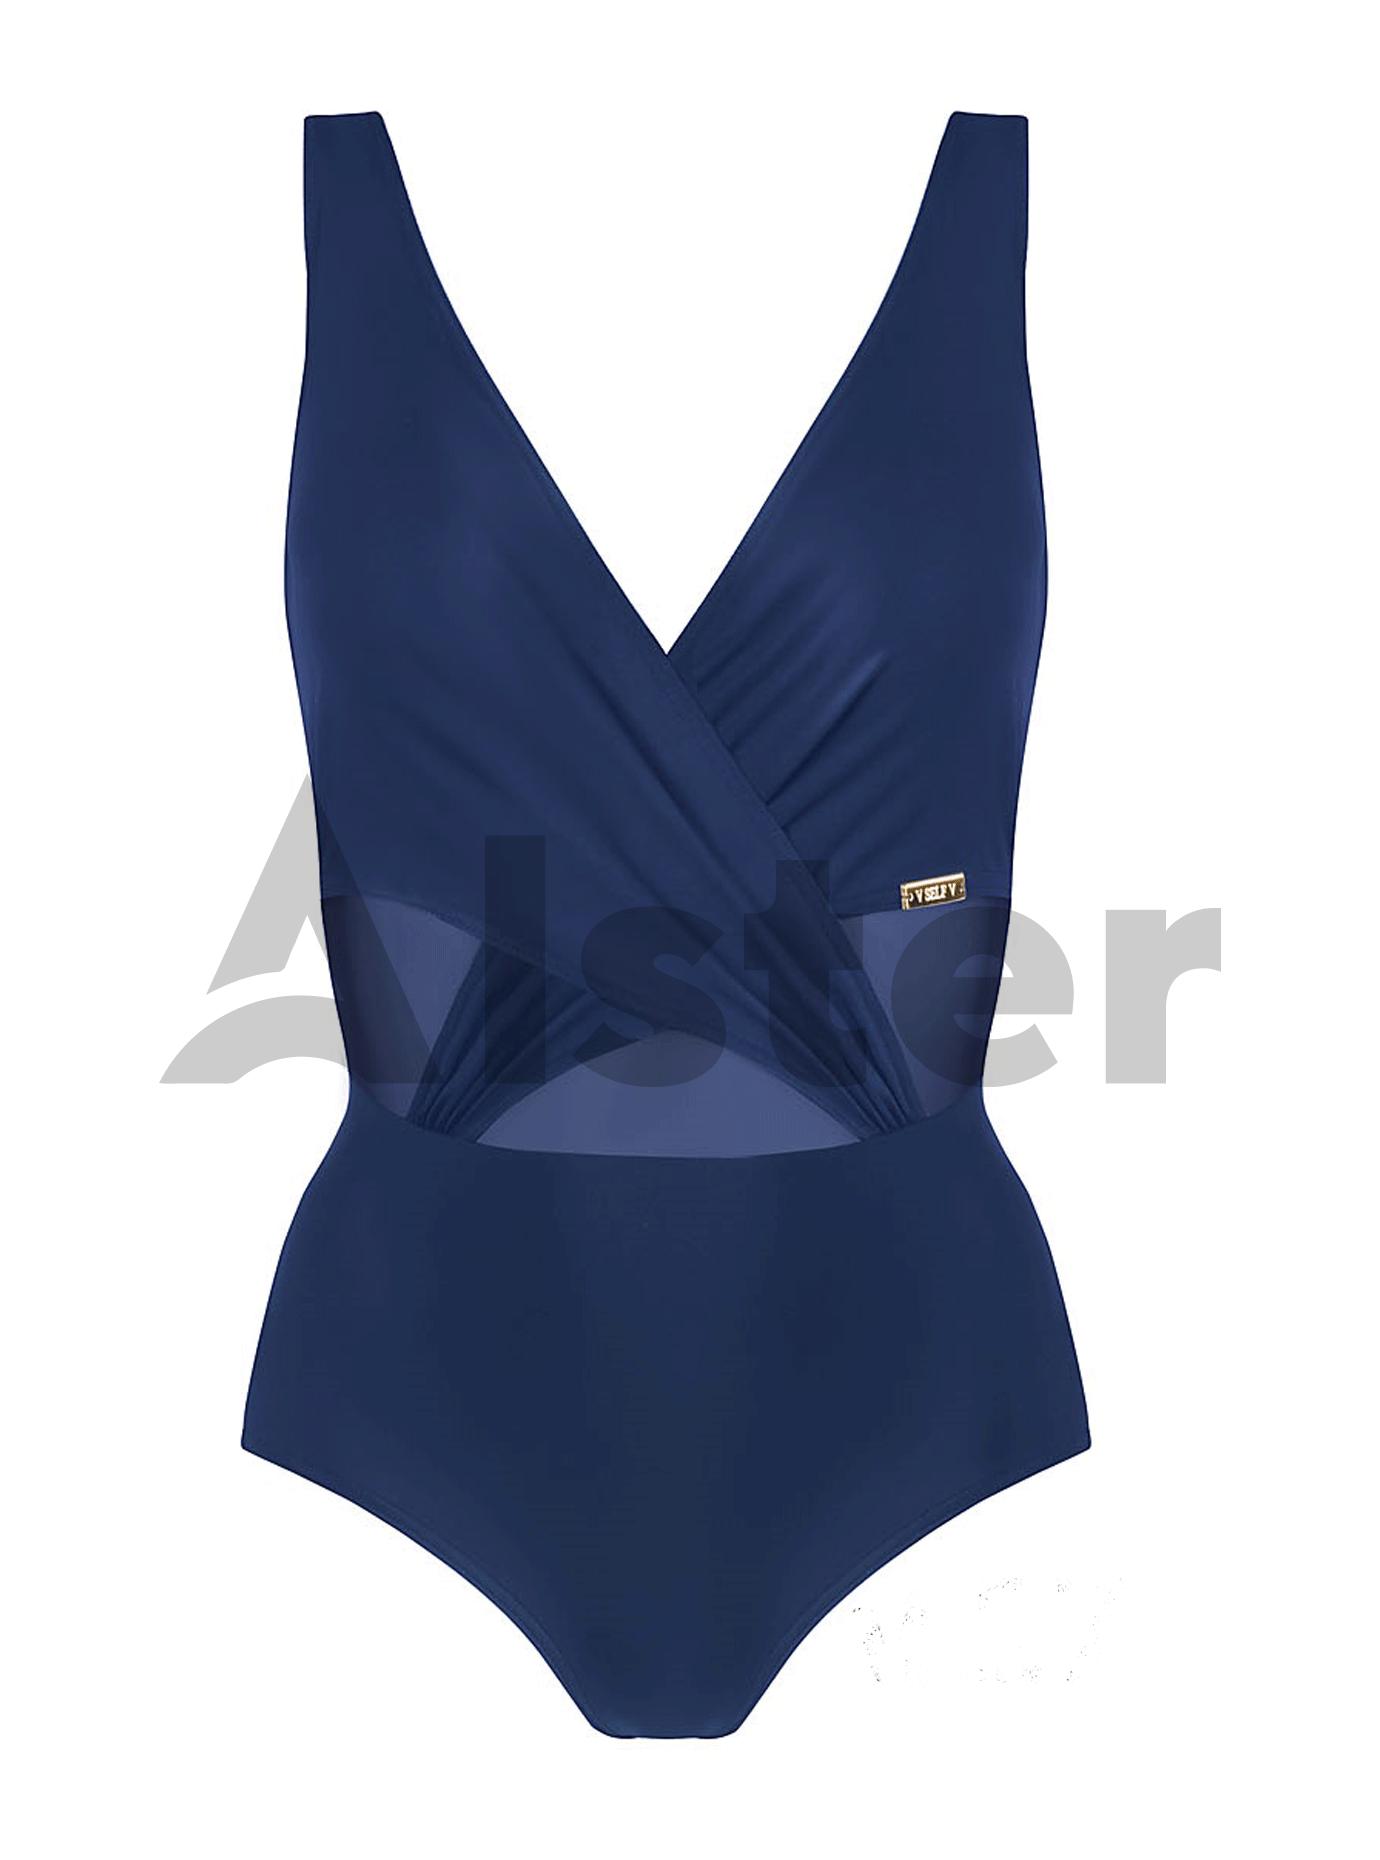 Сдельный купальник с декоративной сеткой Синий M (01-K190418): фото - Alster.ua